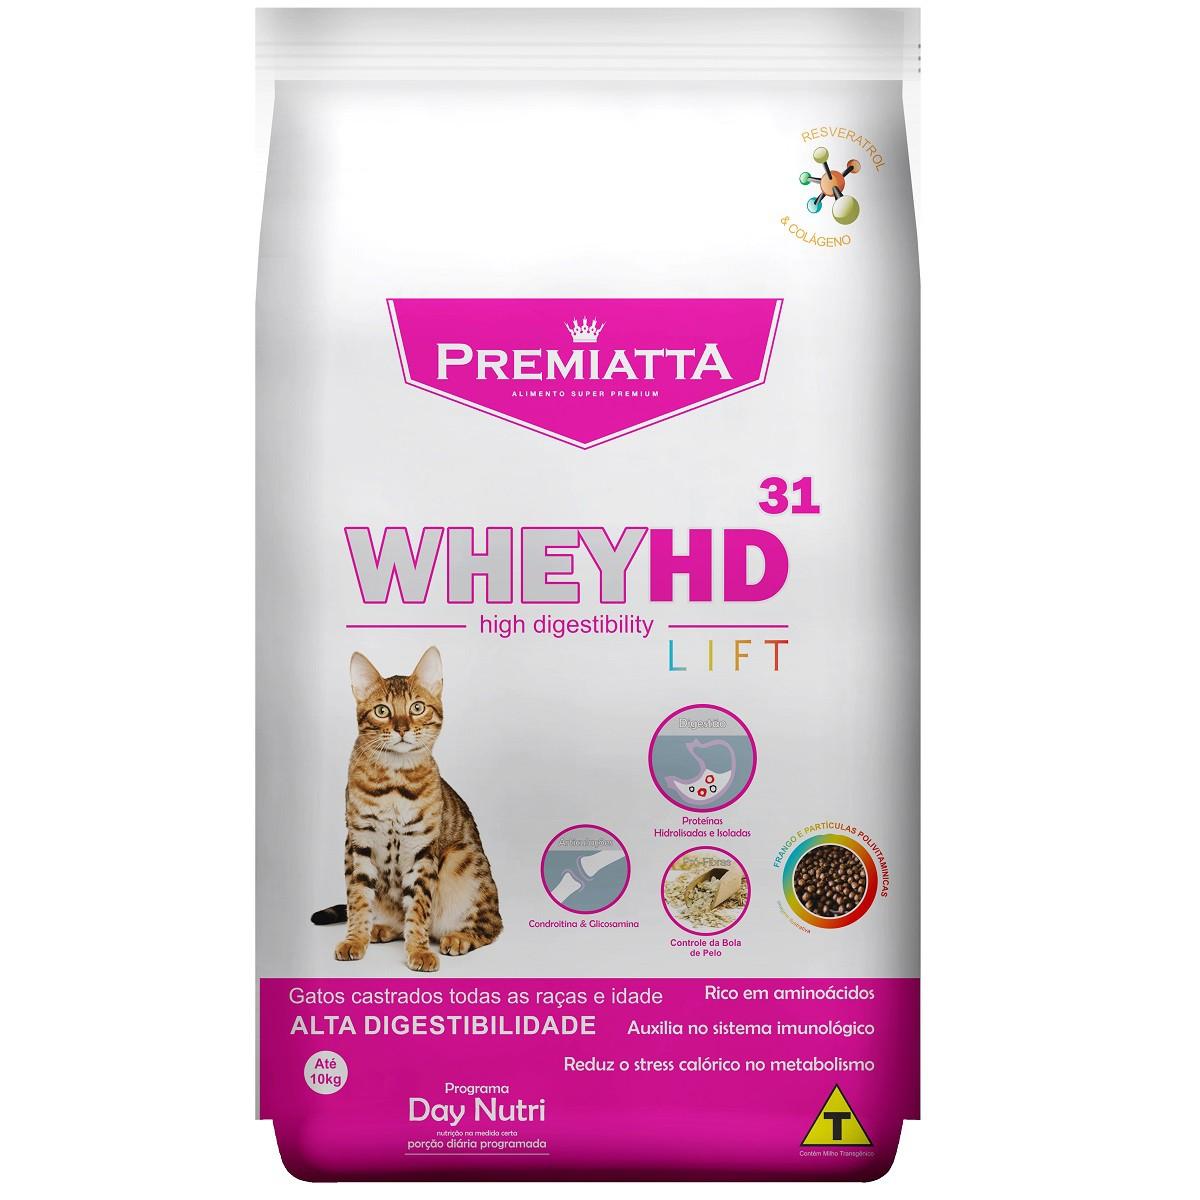 Ração Premiatta Whey HD 31 Lift para Gatos Castrados de todas as raças e idades (1 kg=20x50g)